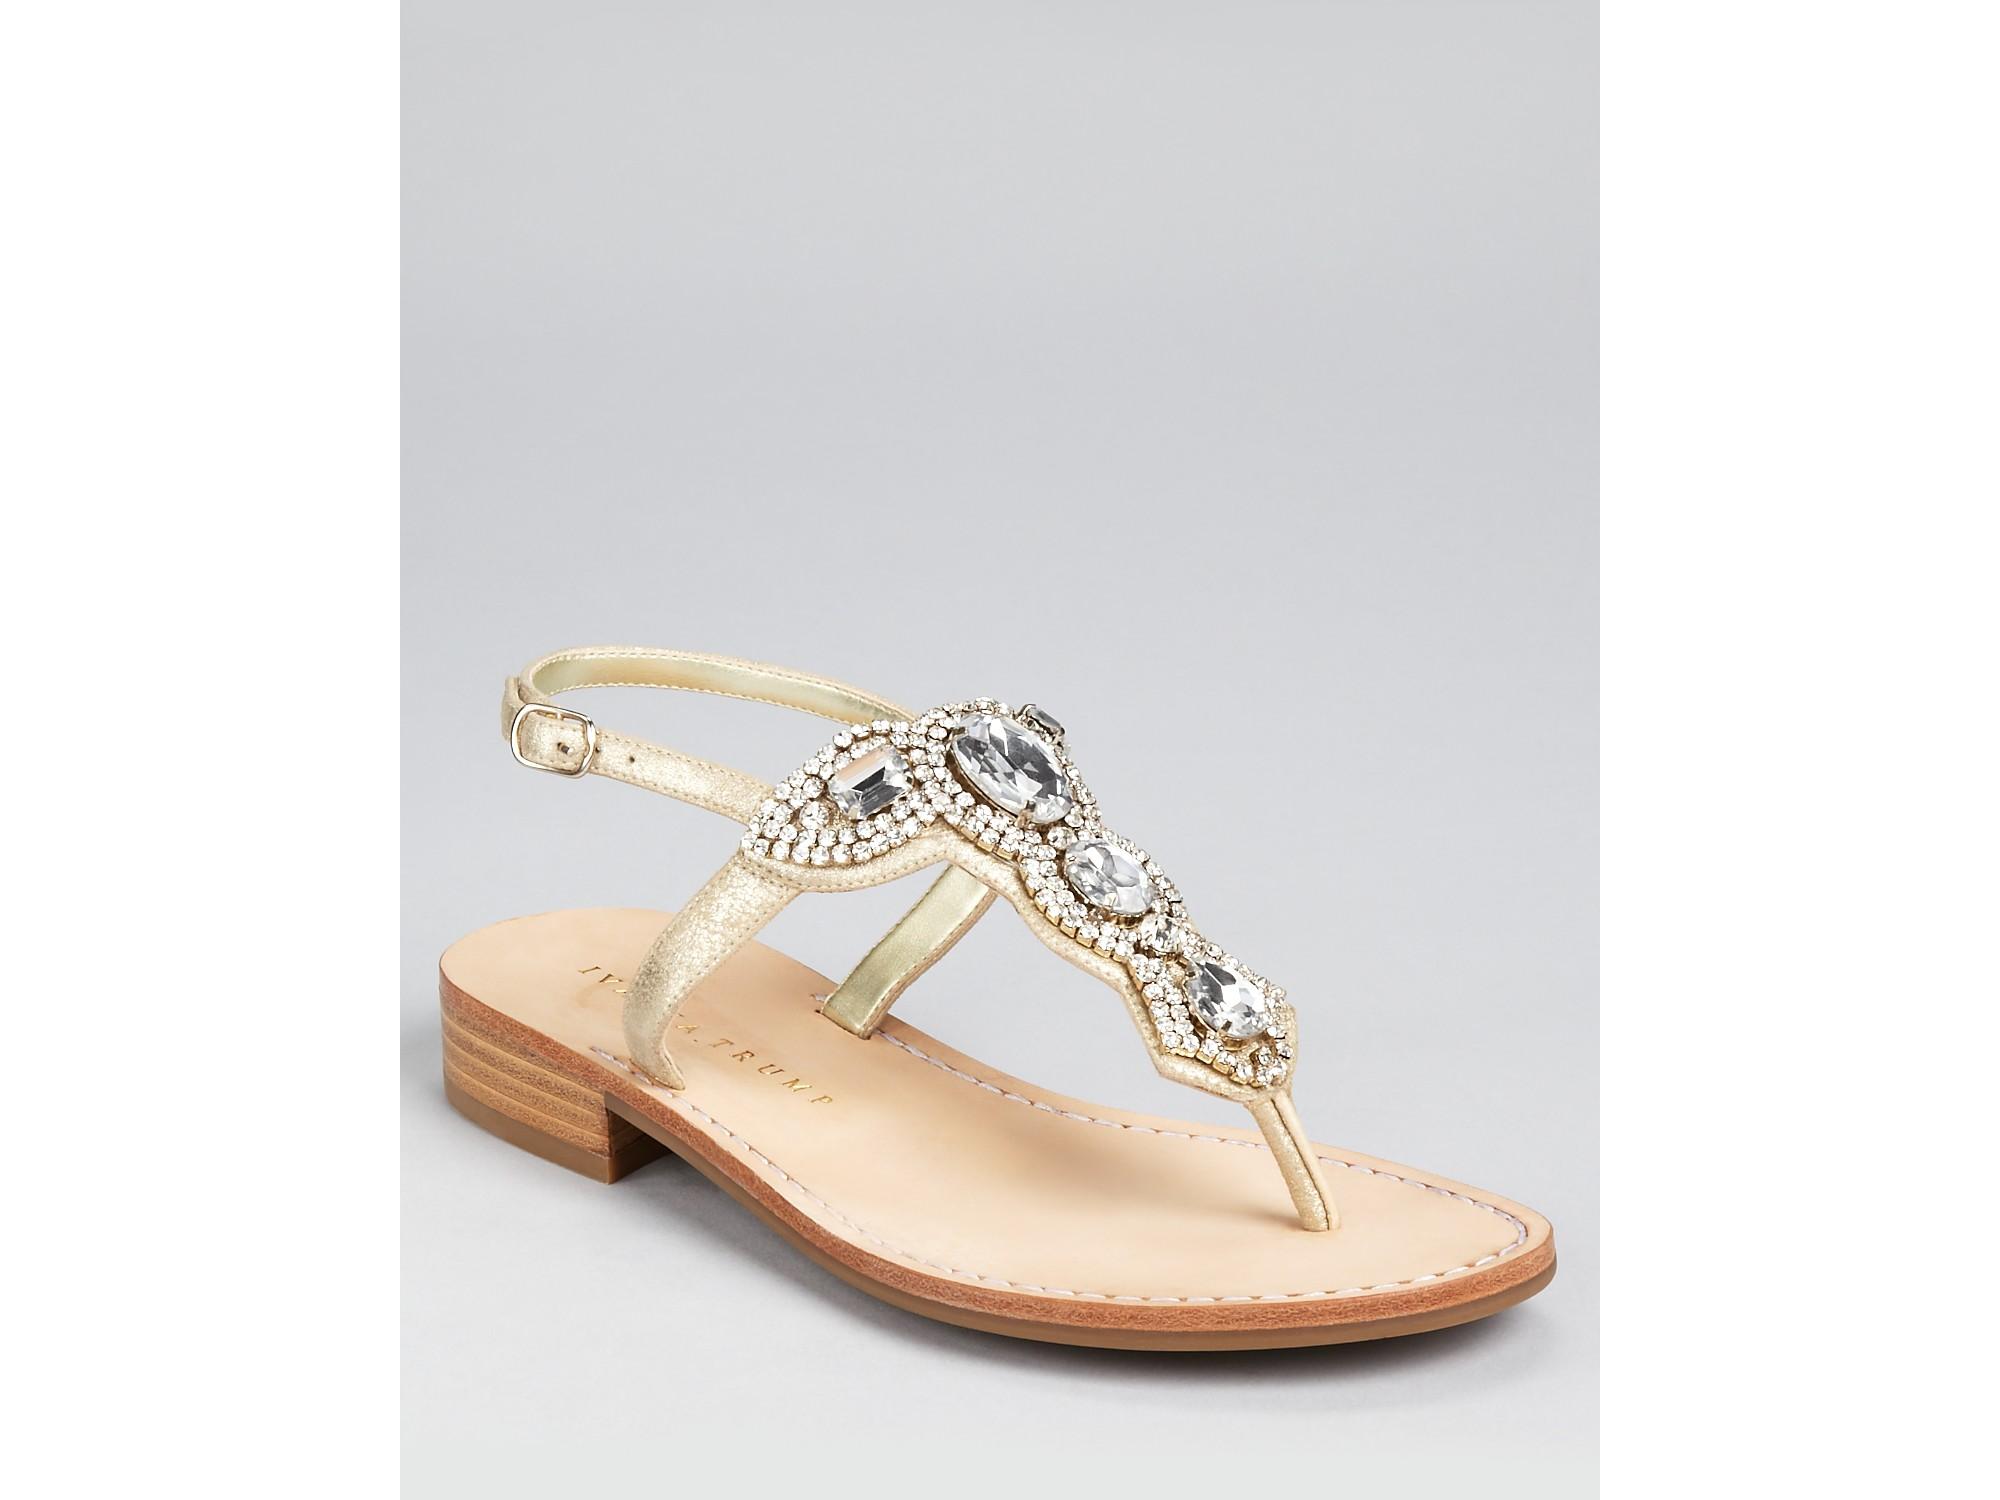 0de0be99da2c15 Lyst - Ivanka Trump Sandals Vance Jewel in Metallic